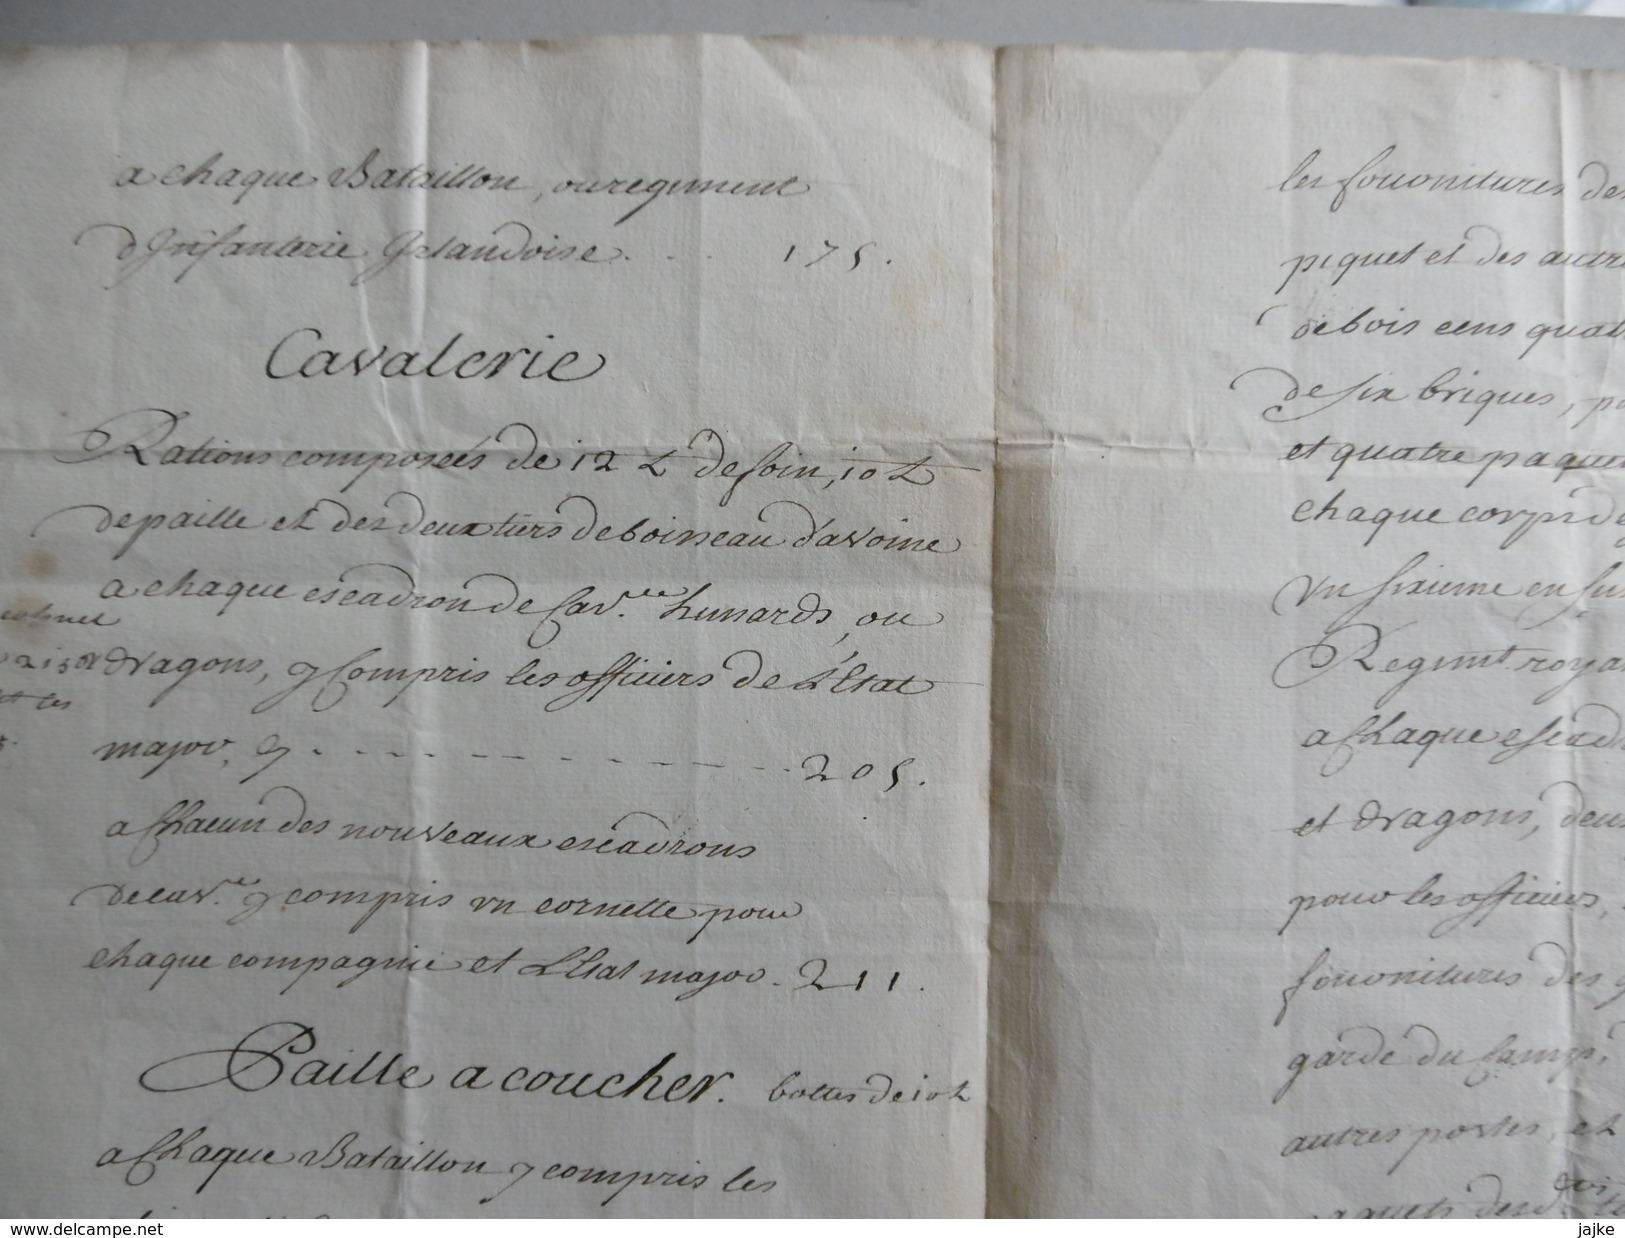 Etat Des Fourages Pour Infanterie, Dragons, Cavelerie 26 Avril 1744 (Louis XV) - Décrets & Lois